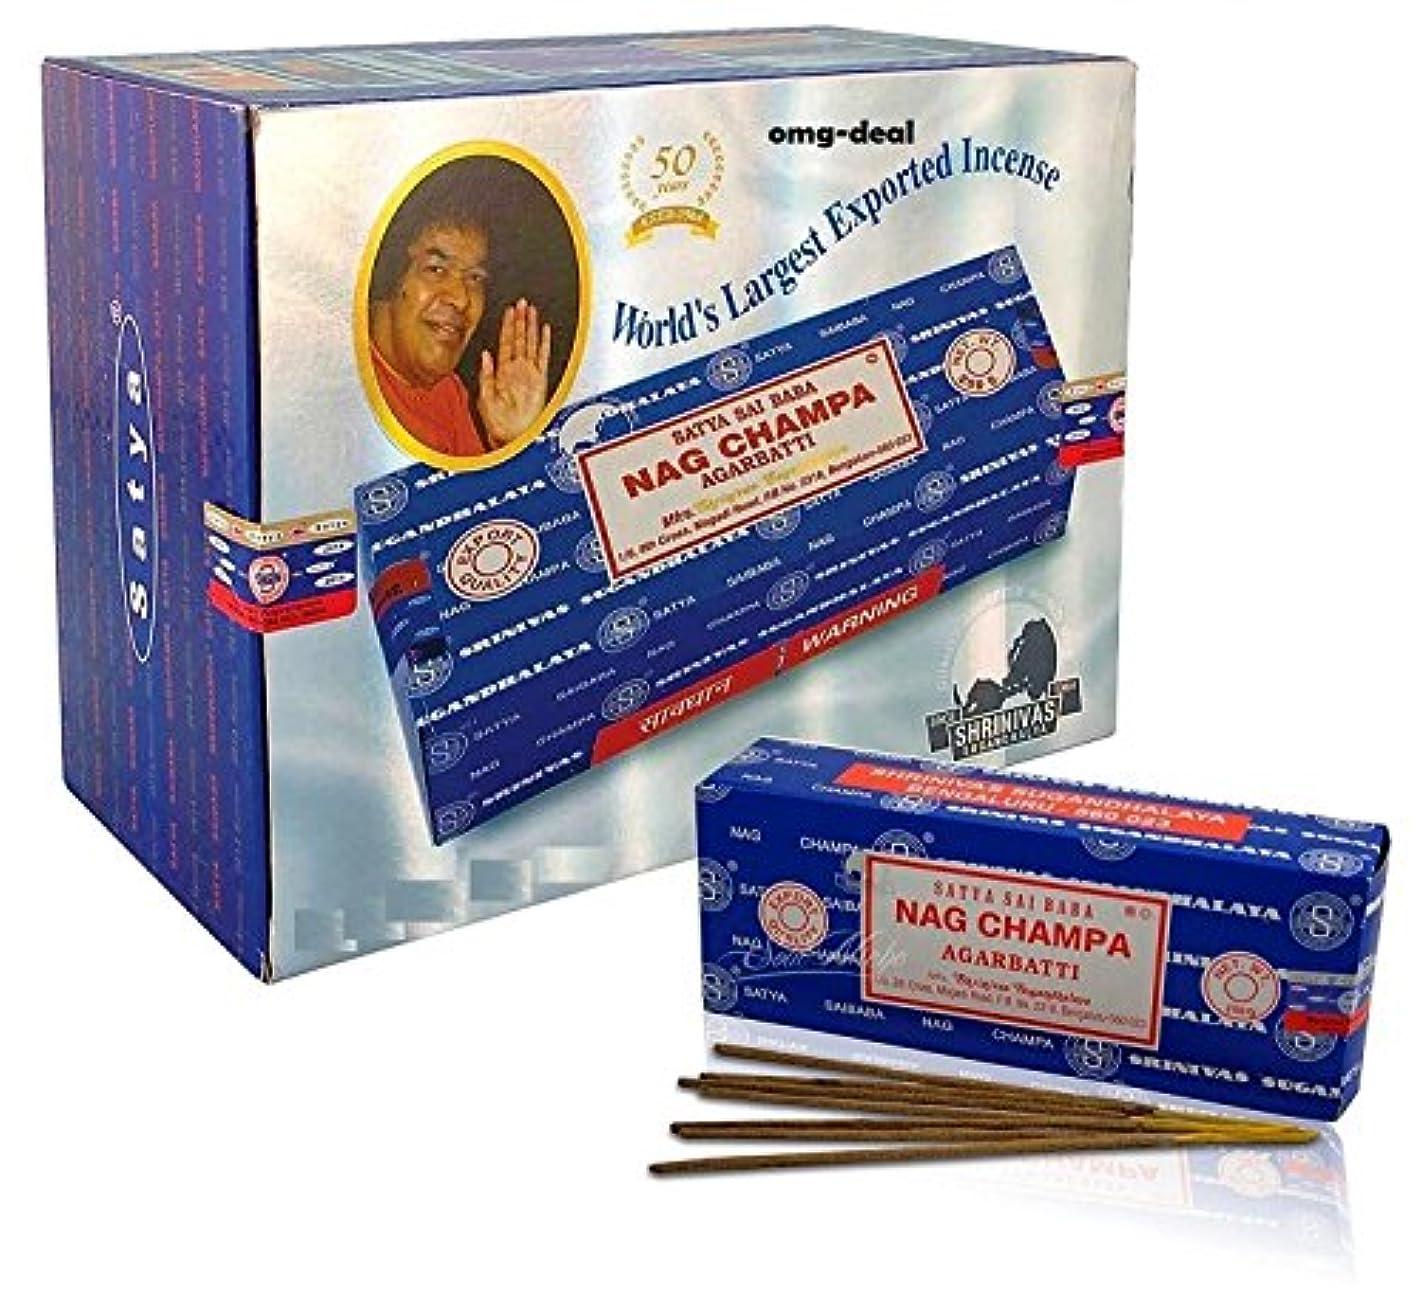 実行するマスタードアラームSatya Sai Baba Nag Champa 1000 Gram Incense Sticks Agarbatti